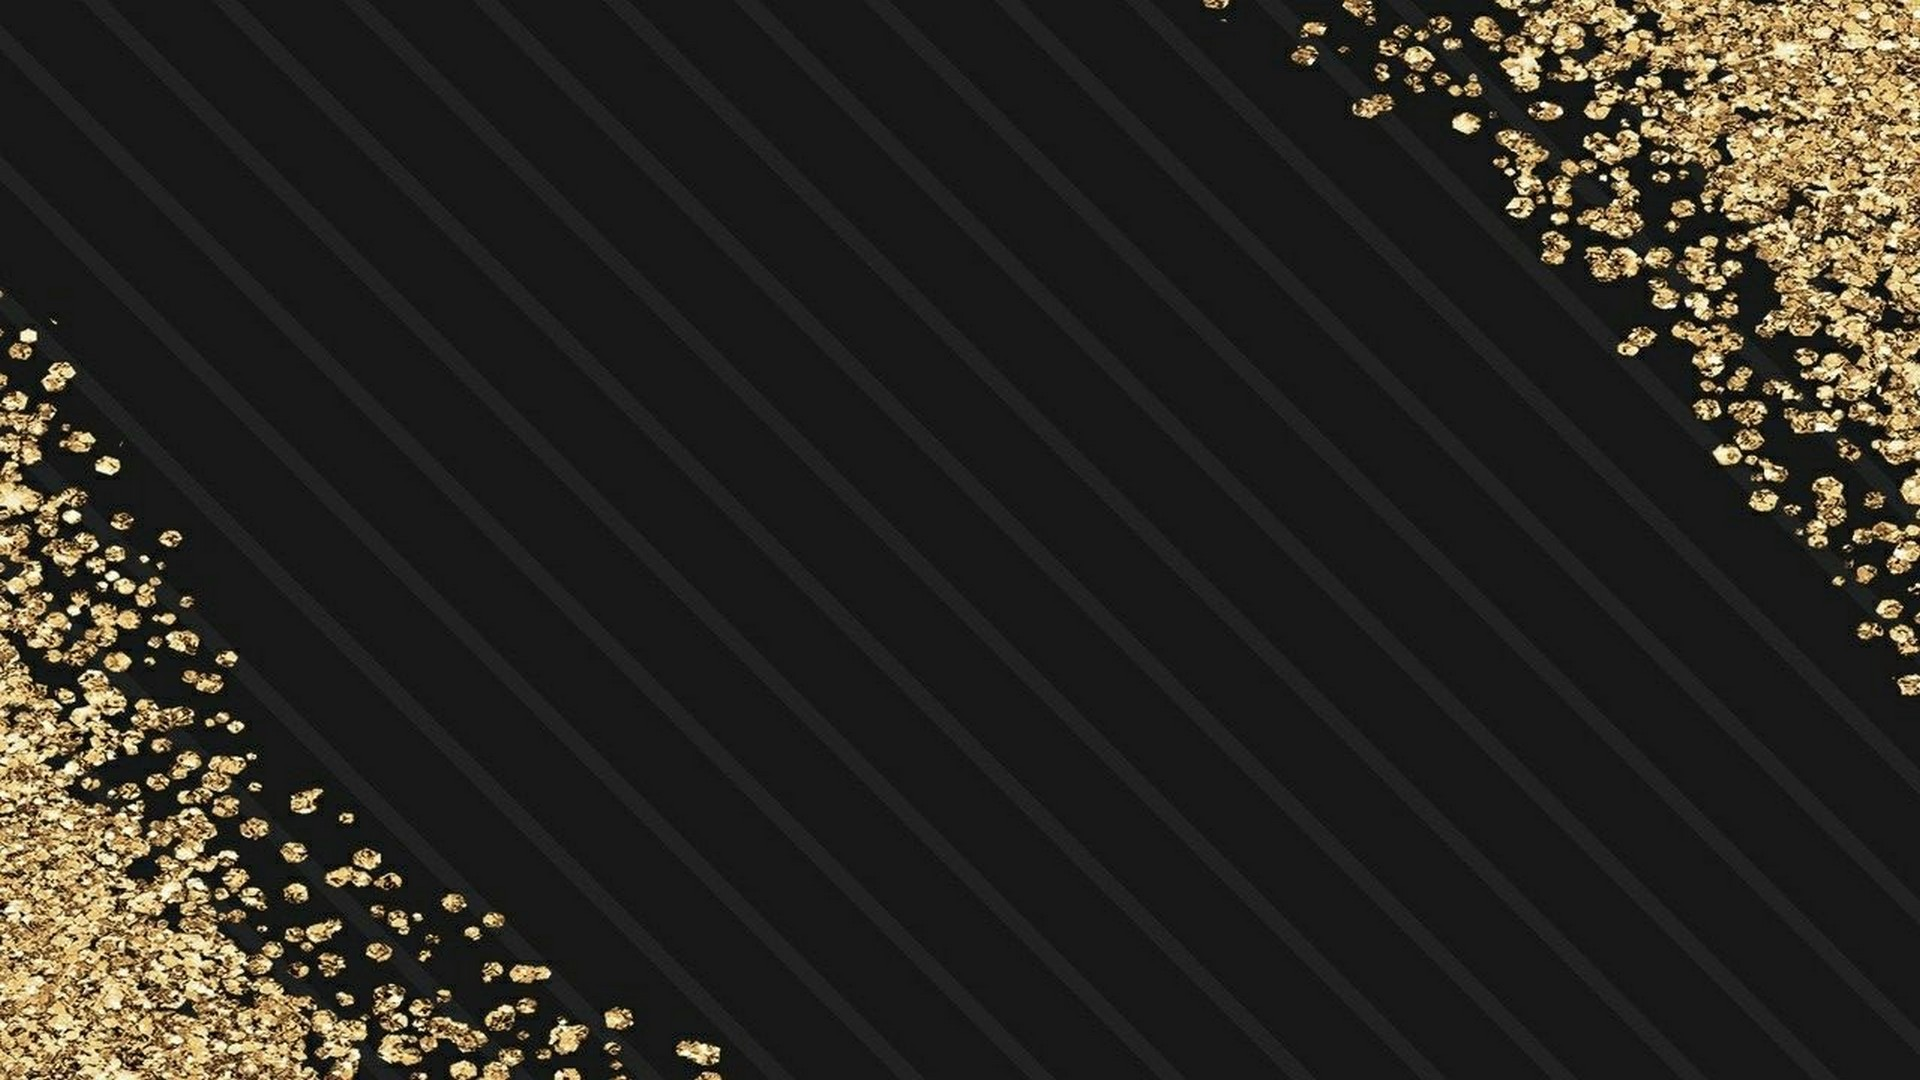 Black and Gold Desktop Backgrounds  2019 Live Wallpaper HD